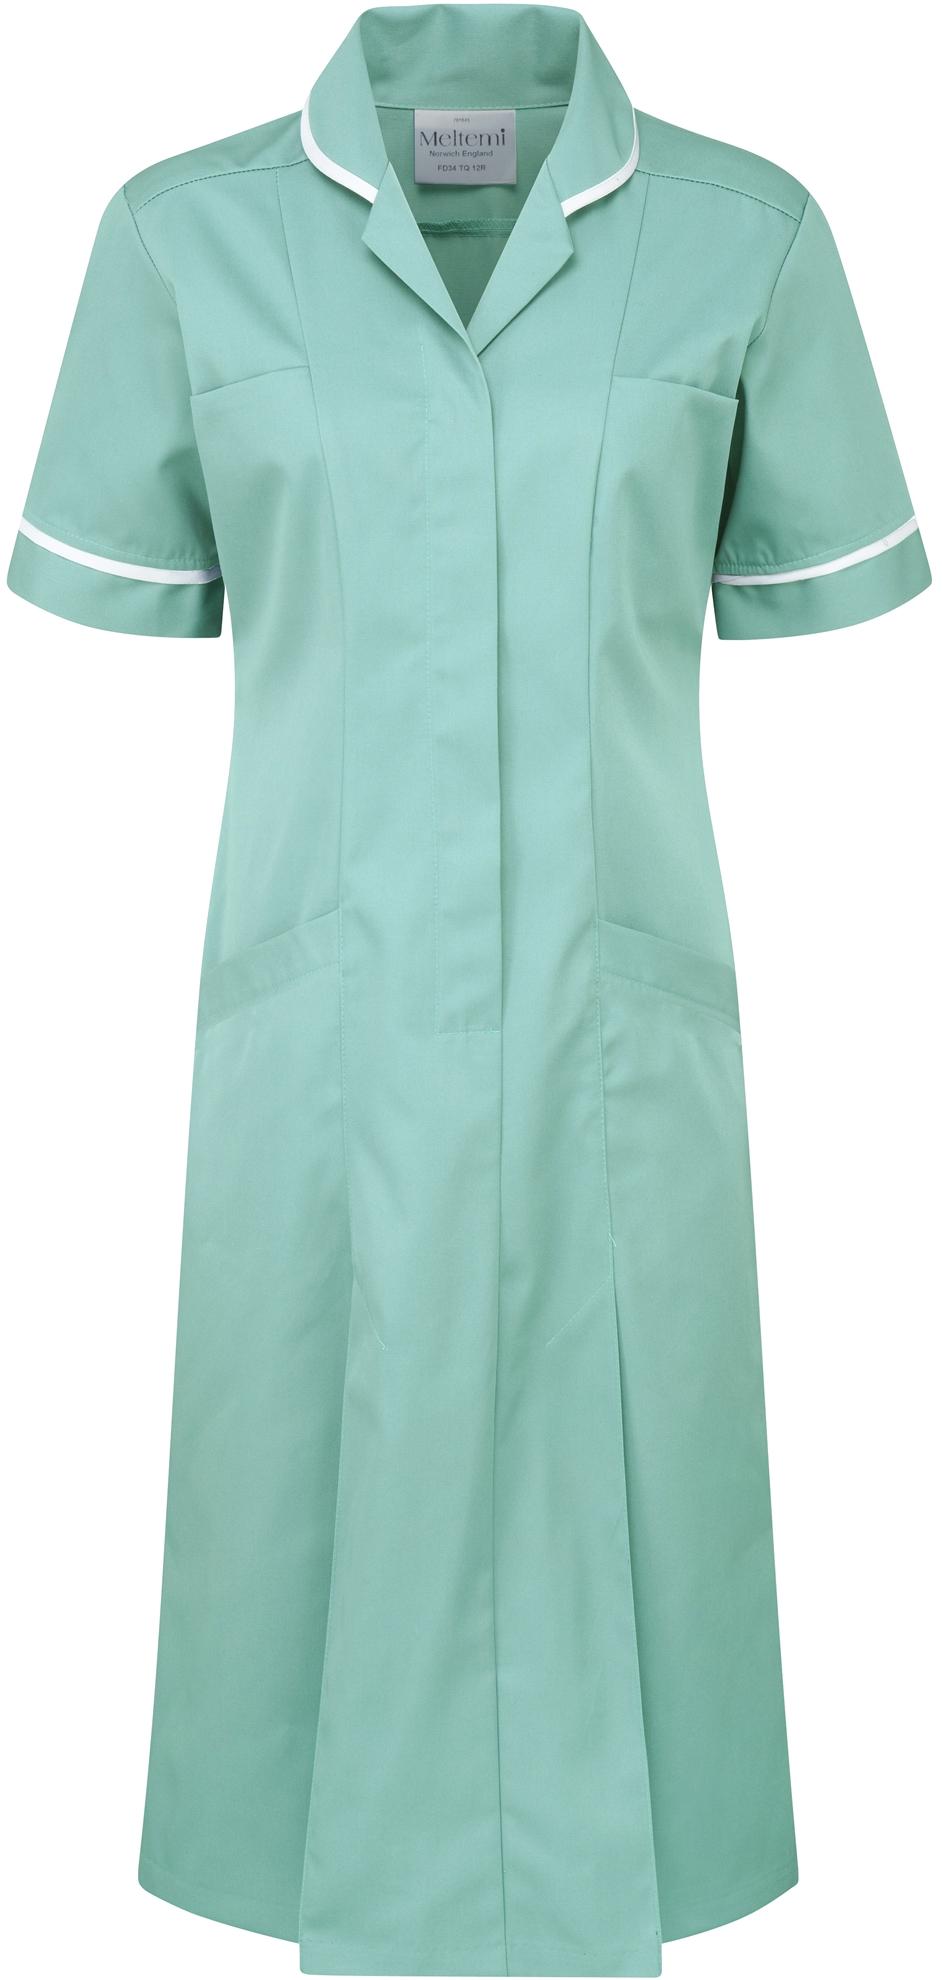 Picture of Plain Colour Dress - Eau De Nil/White